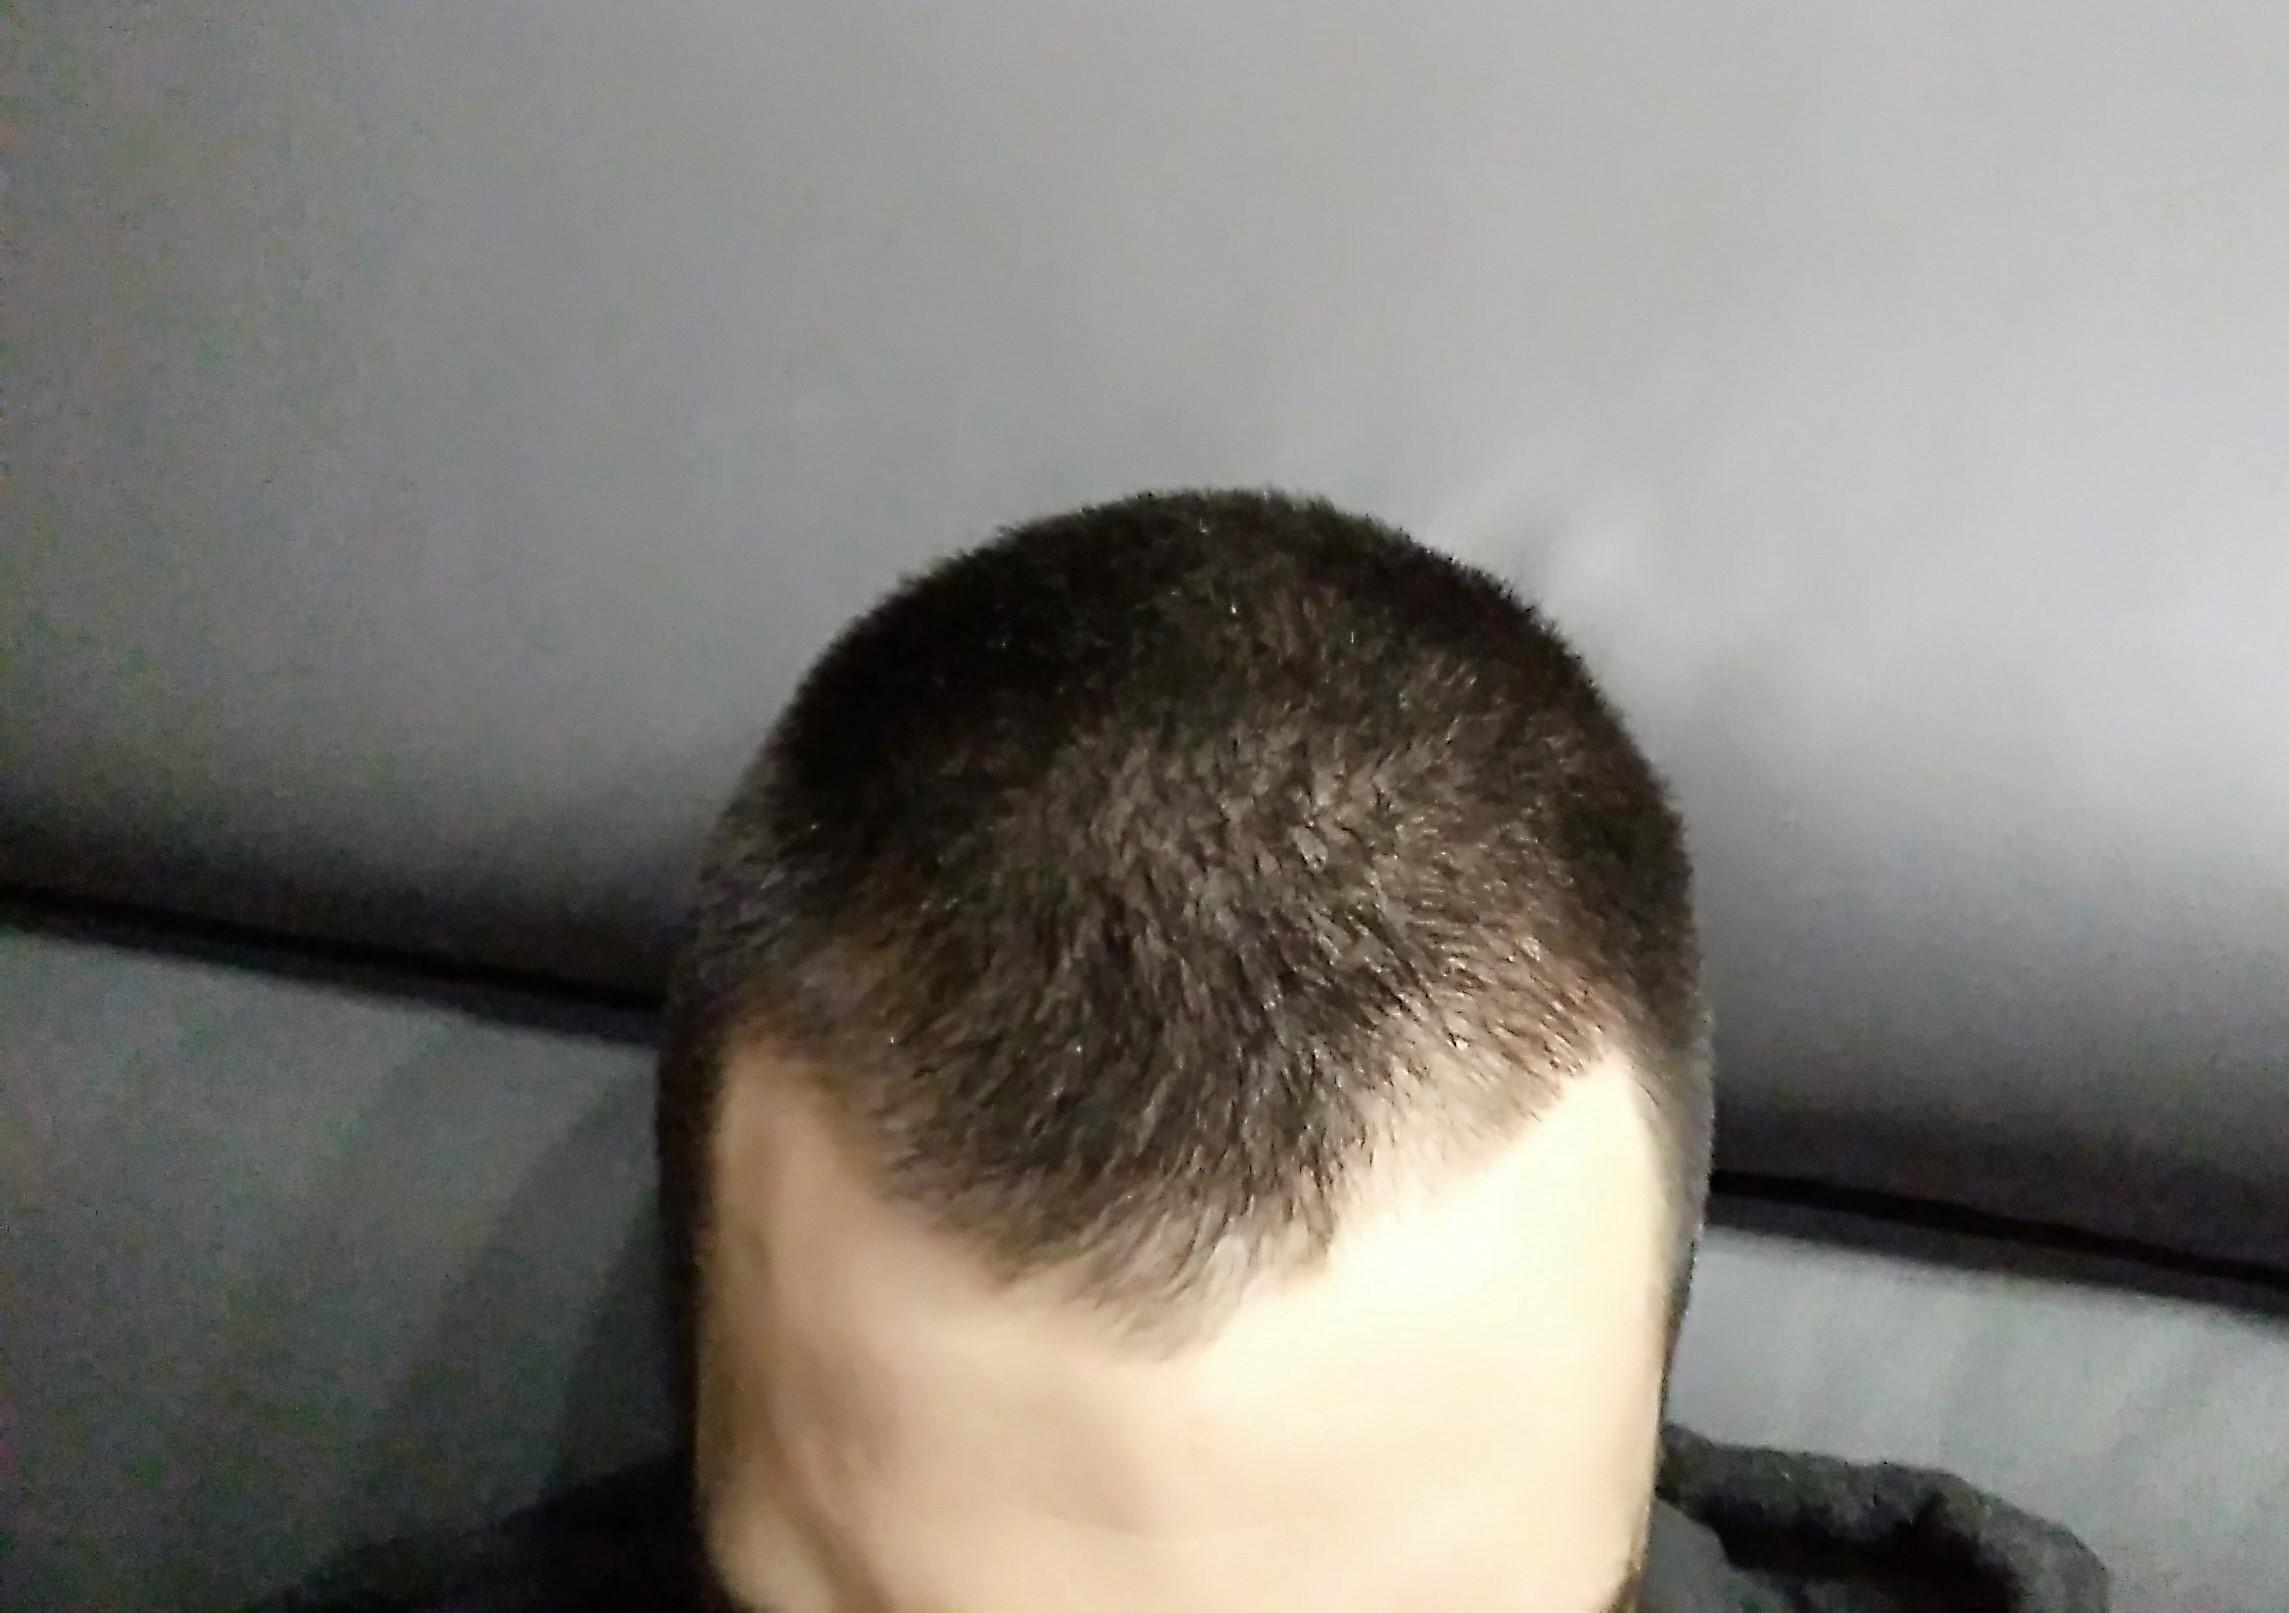 Début de calvitie ? - Calvitie et perte de cheveux - FORUM Santé